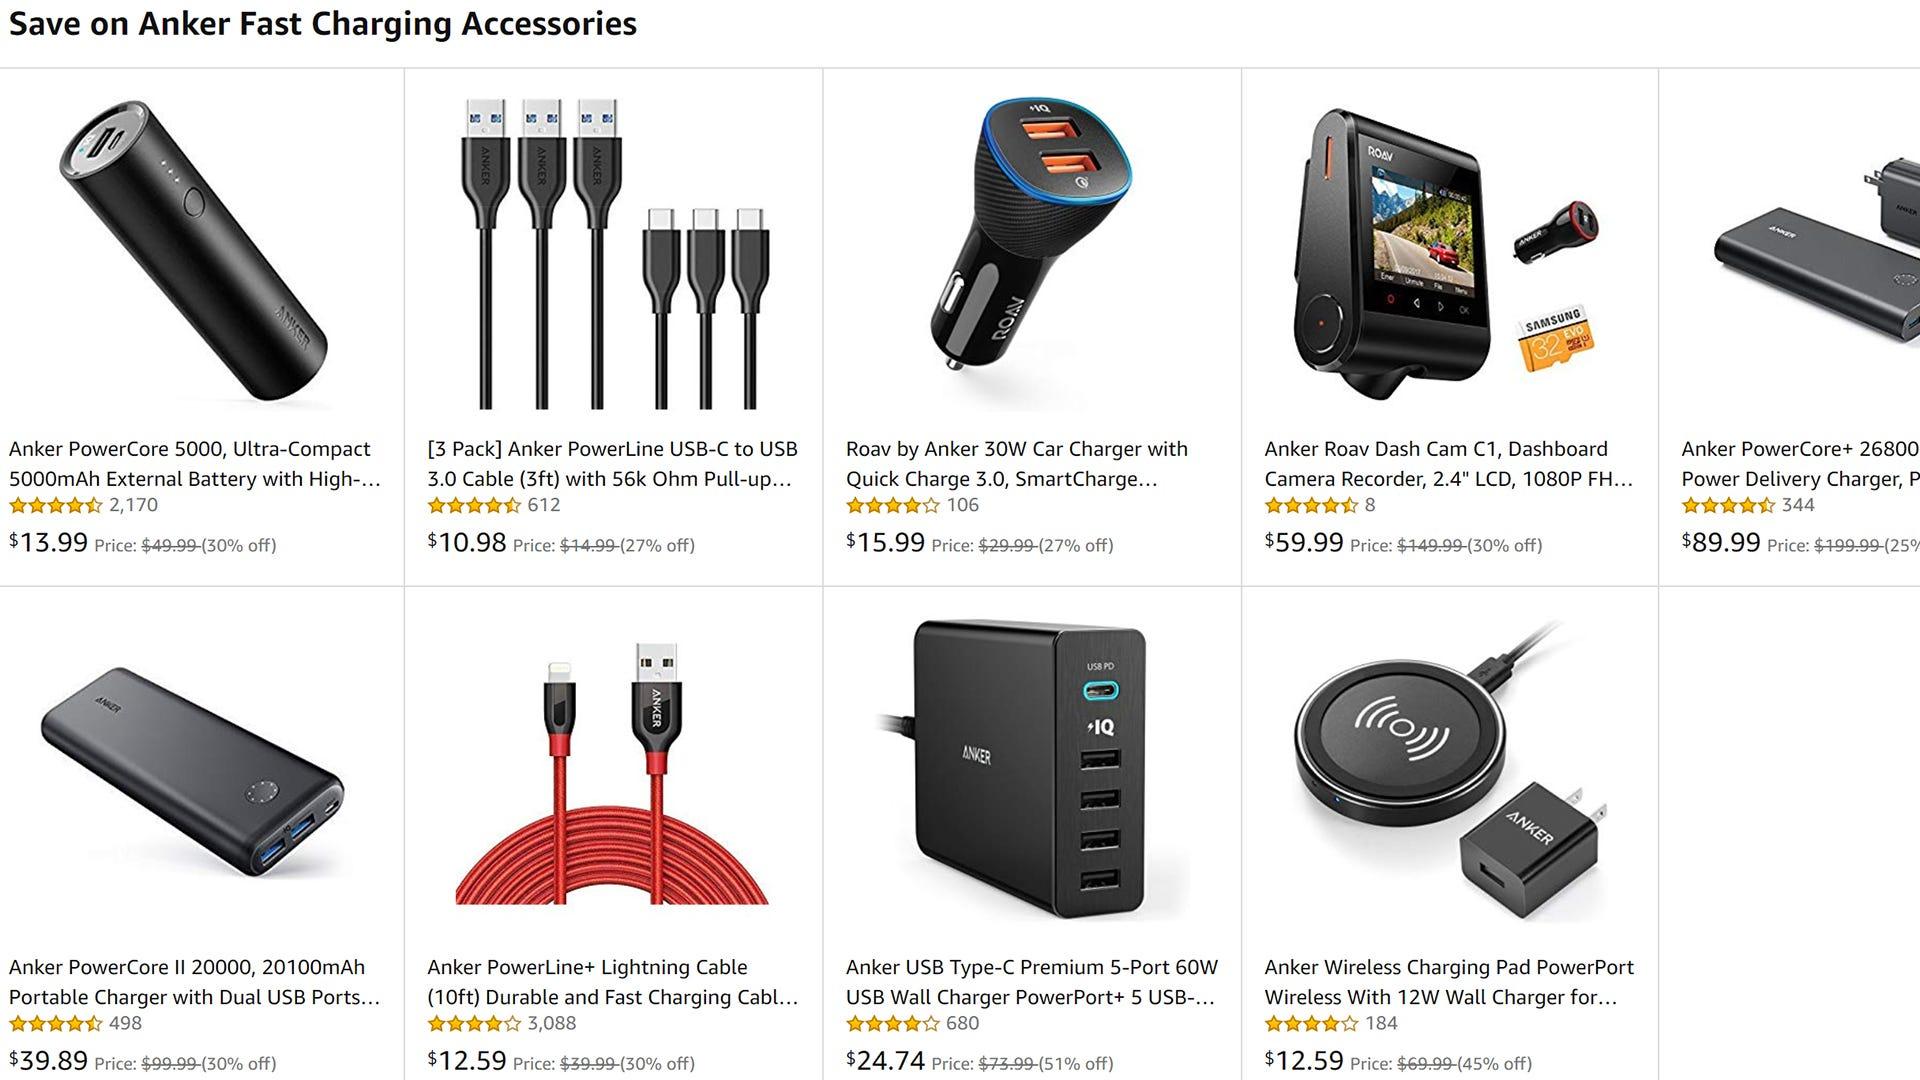 Einige unserer Favoriten Anker Gadgets sind heute nur für Amazon Prime-Mitglieder